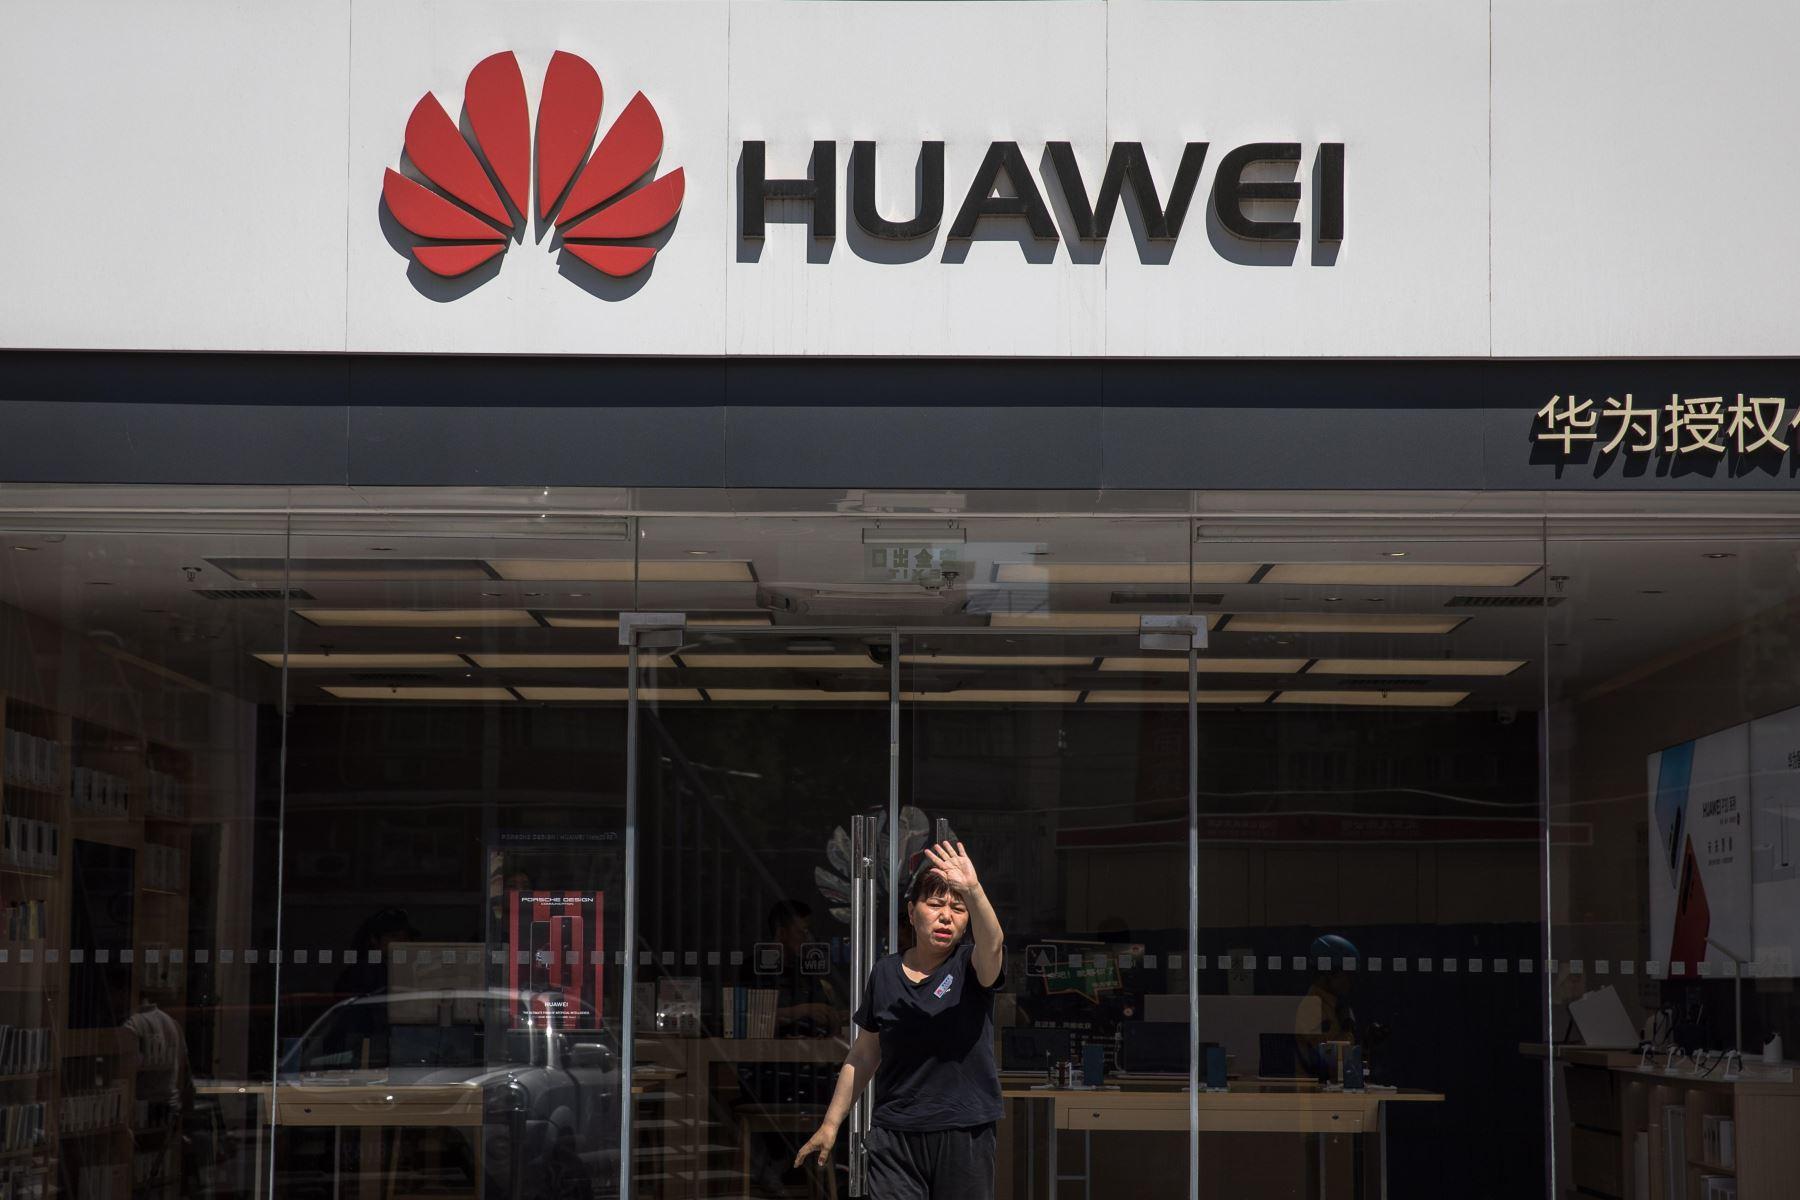 Una dependienta indica a un fotógrafo que no haga fotos del exterior de una tienda de Huawei, este lunes en Pekín (China). Foto: EFE